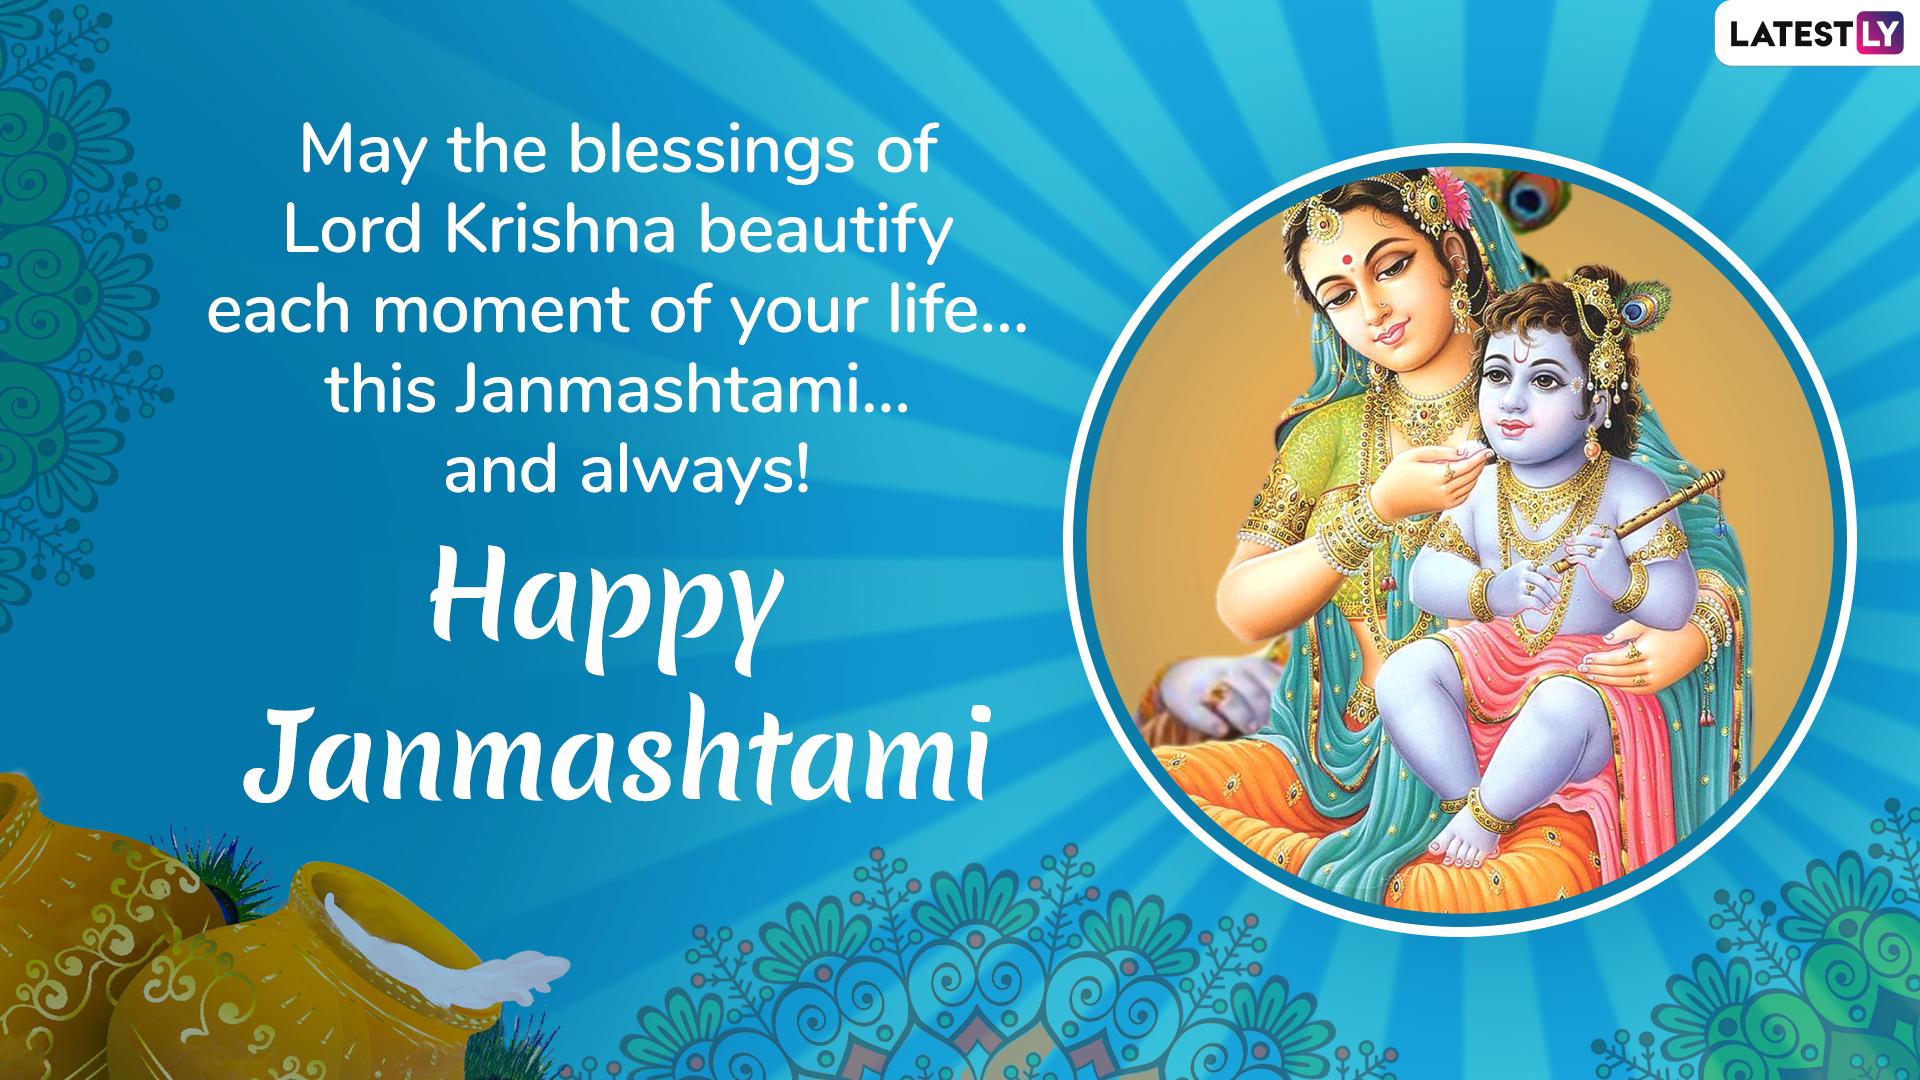 Janmashtami 2019 Greetings: WhatsApp Stickers, Lord Krishna